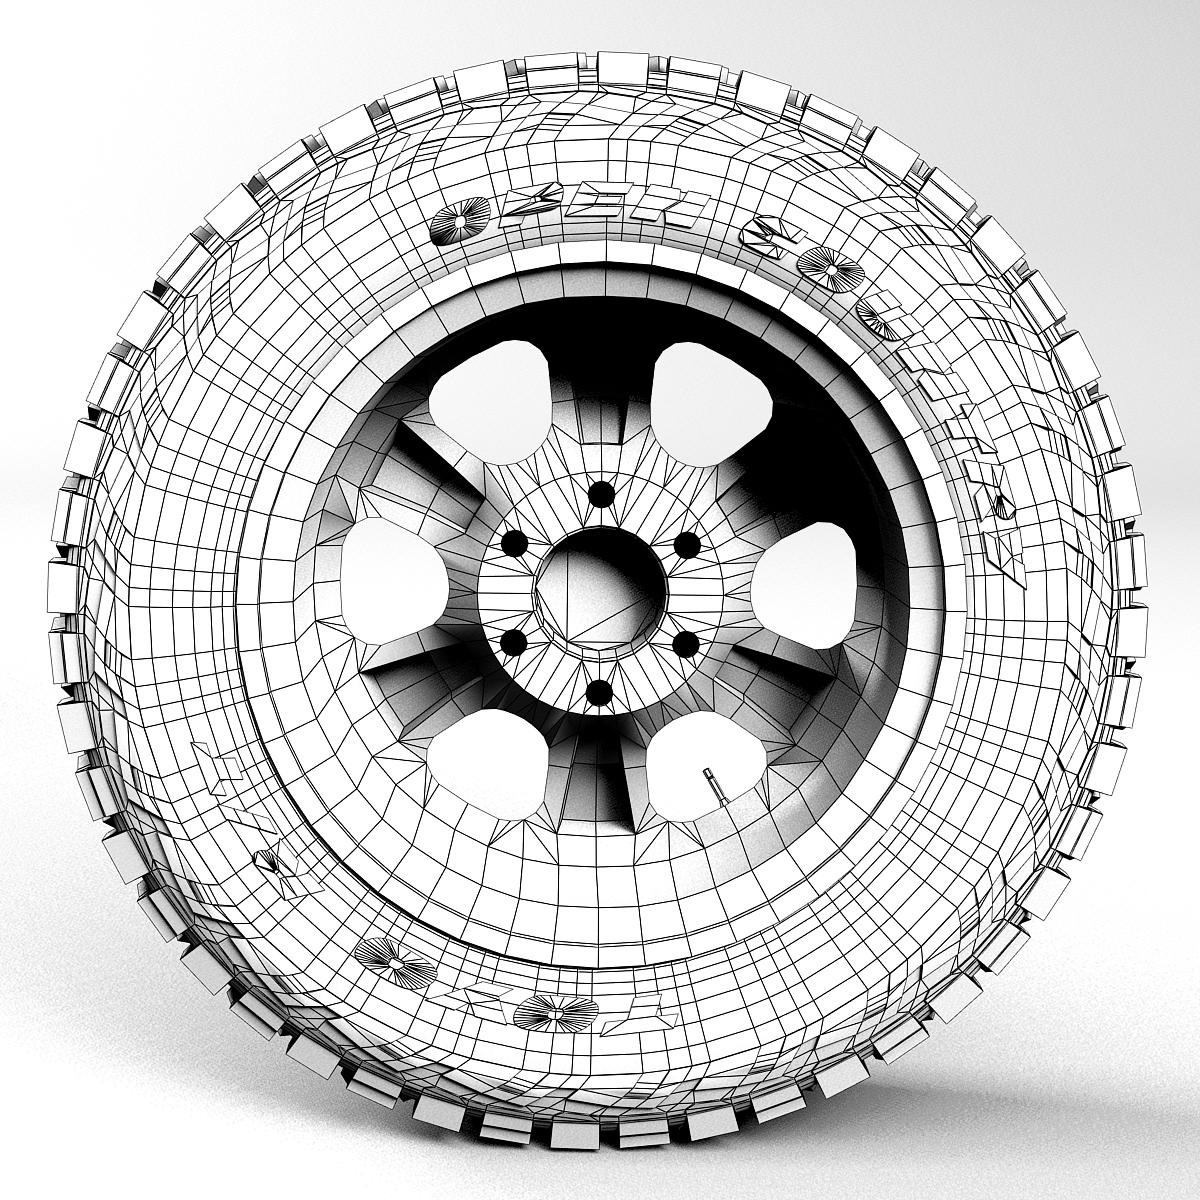 off road wheel and tire 2 3d model 3ds max fbx tga targa icb vda vst pix obj 224424